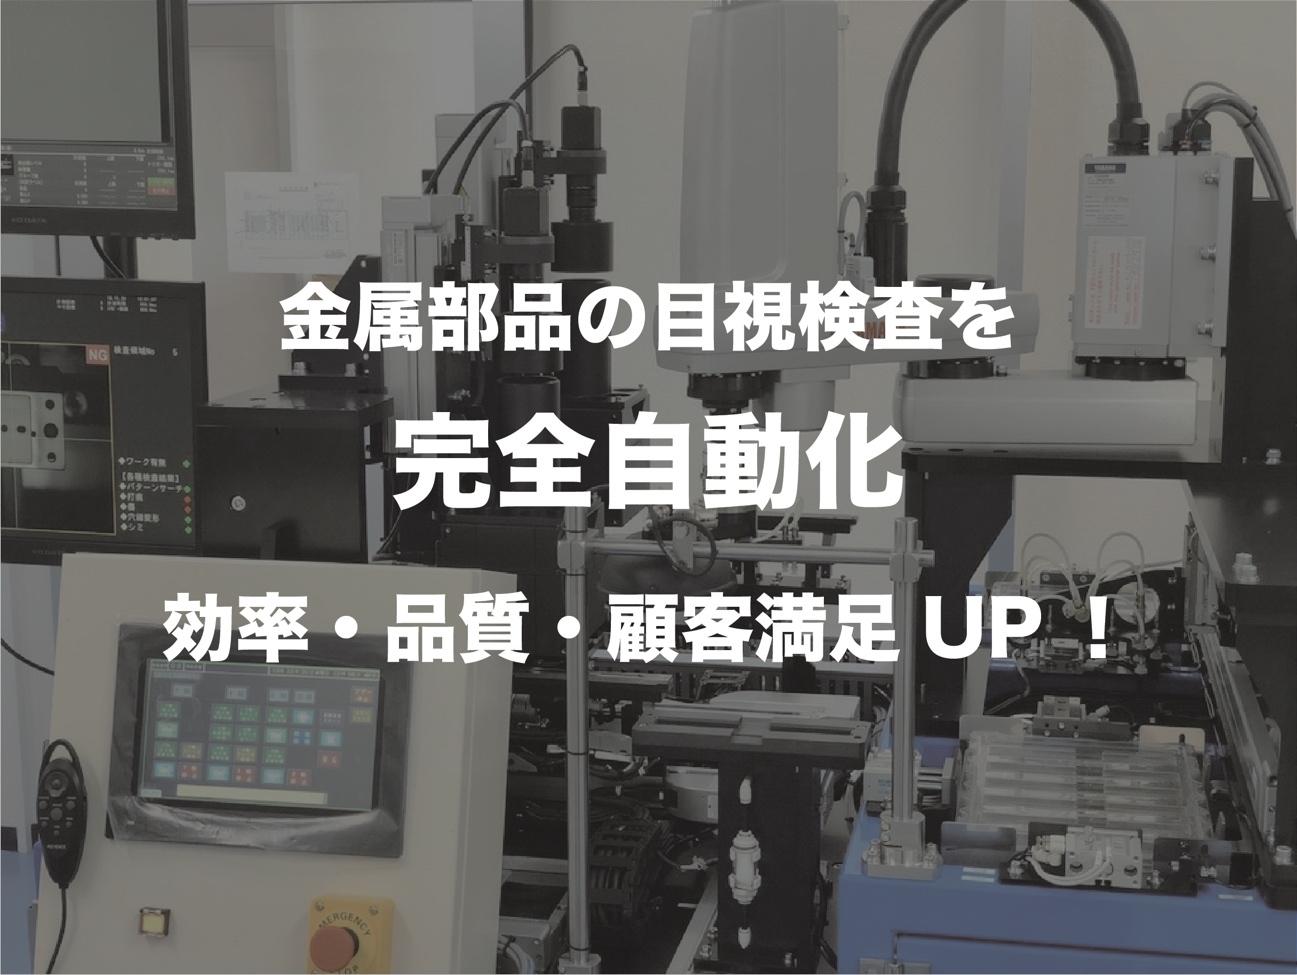 金属部品の目視検査を完全自動化!効率・品質・顧客満足UP